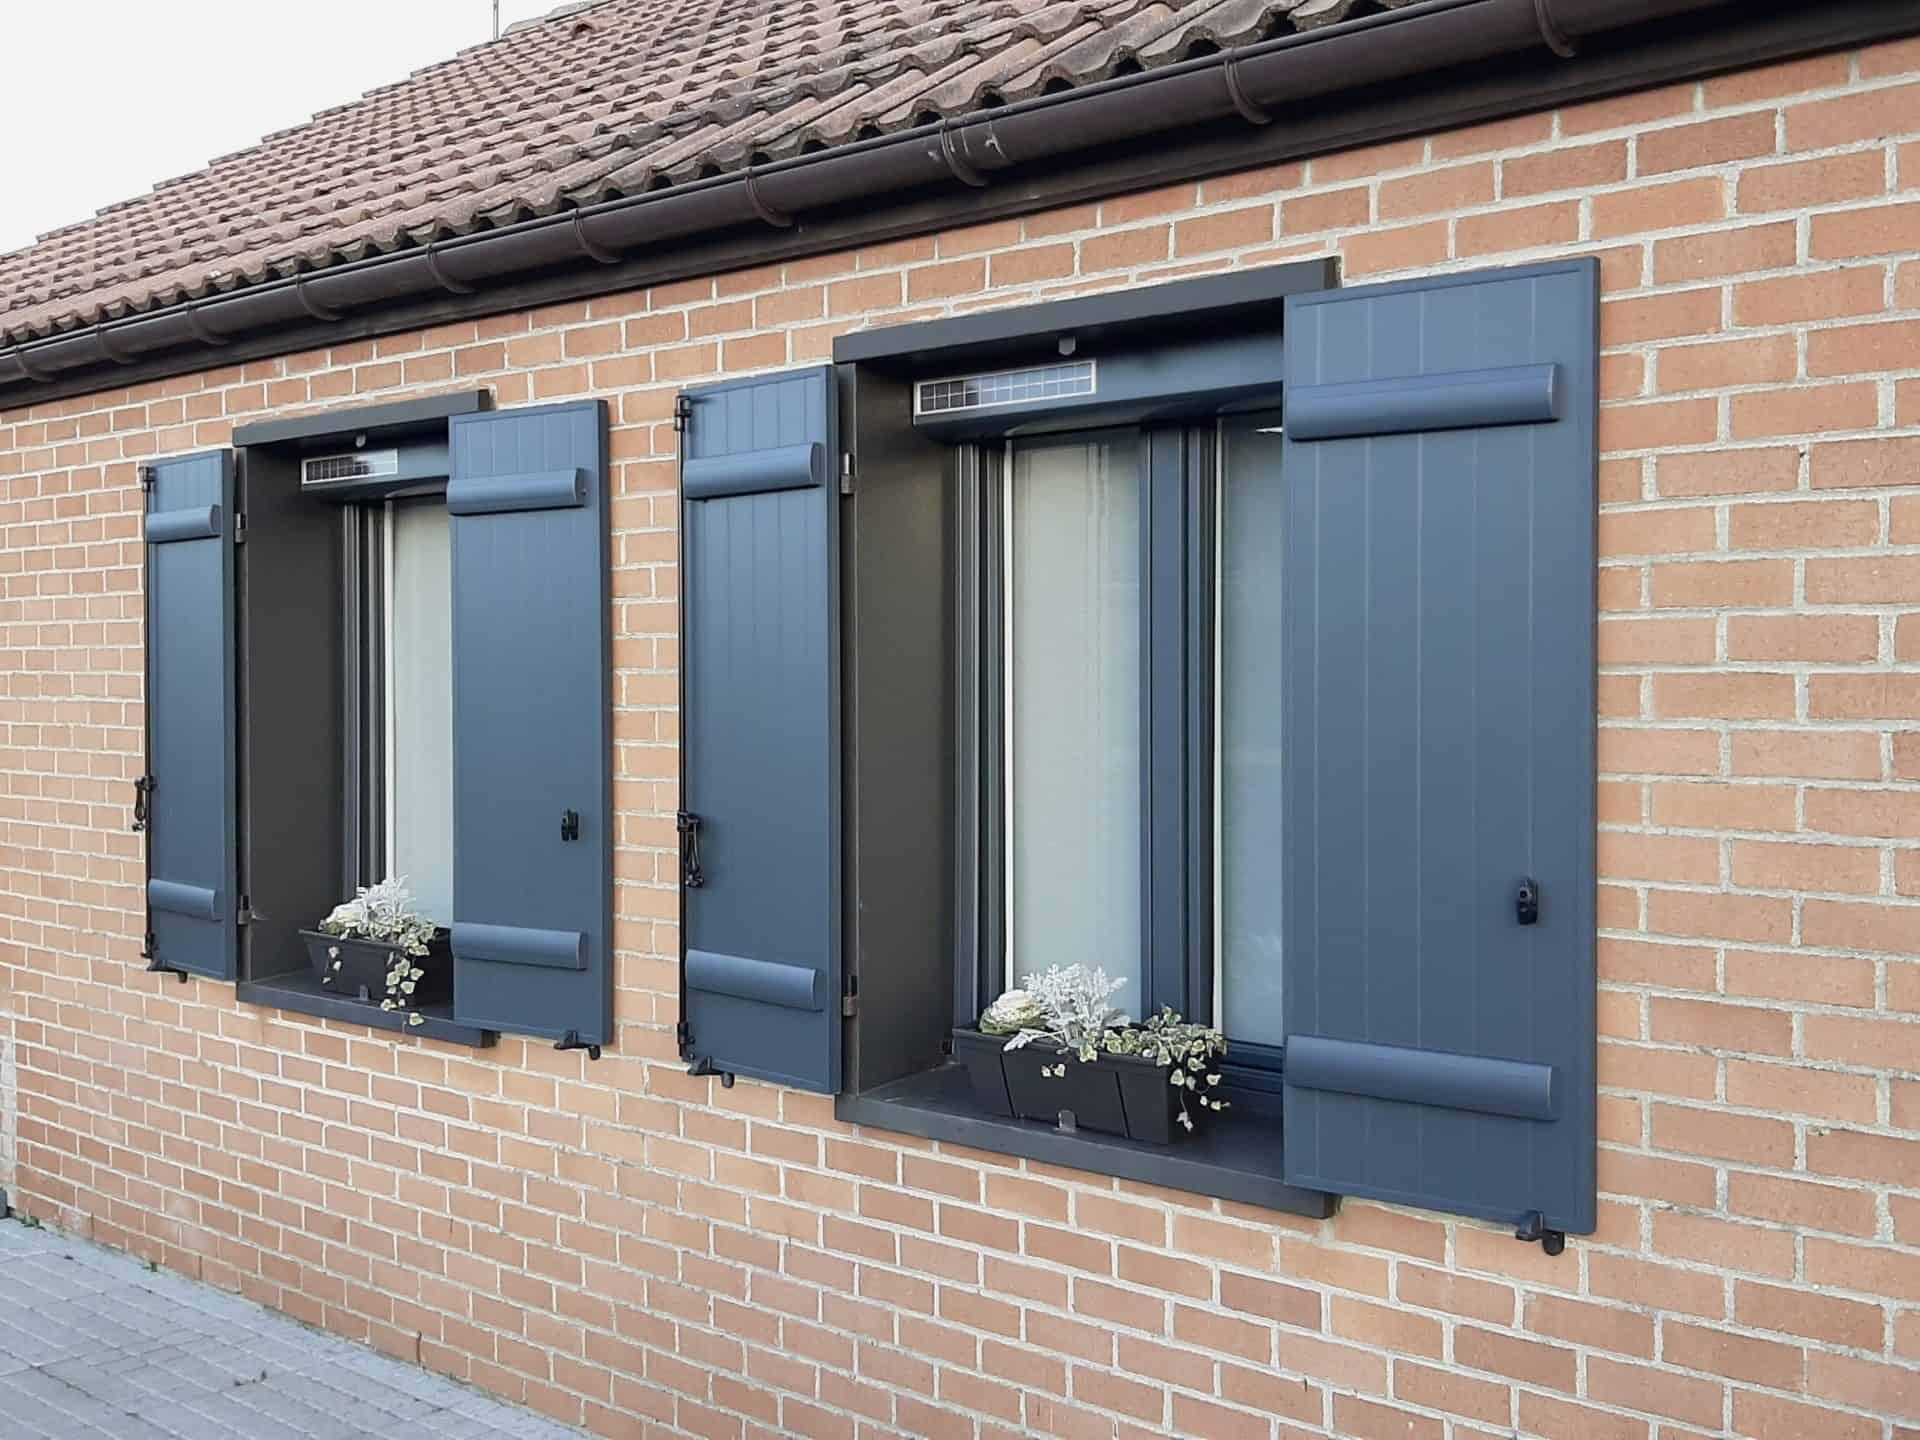 Volets battants et fenêtres Fermetures Must